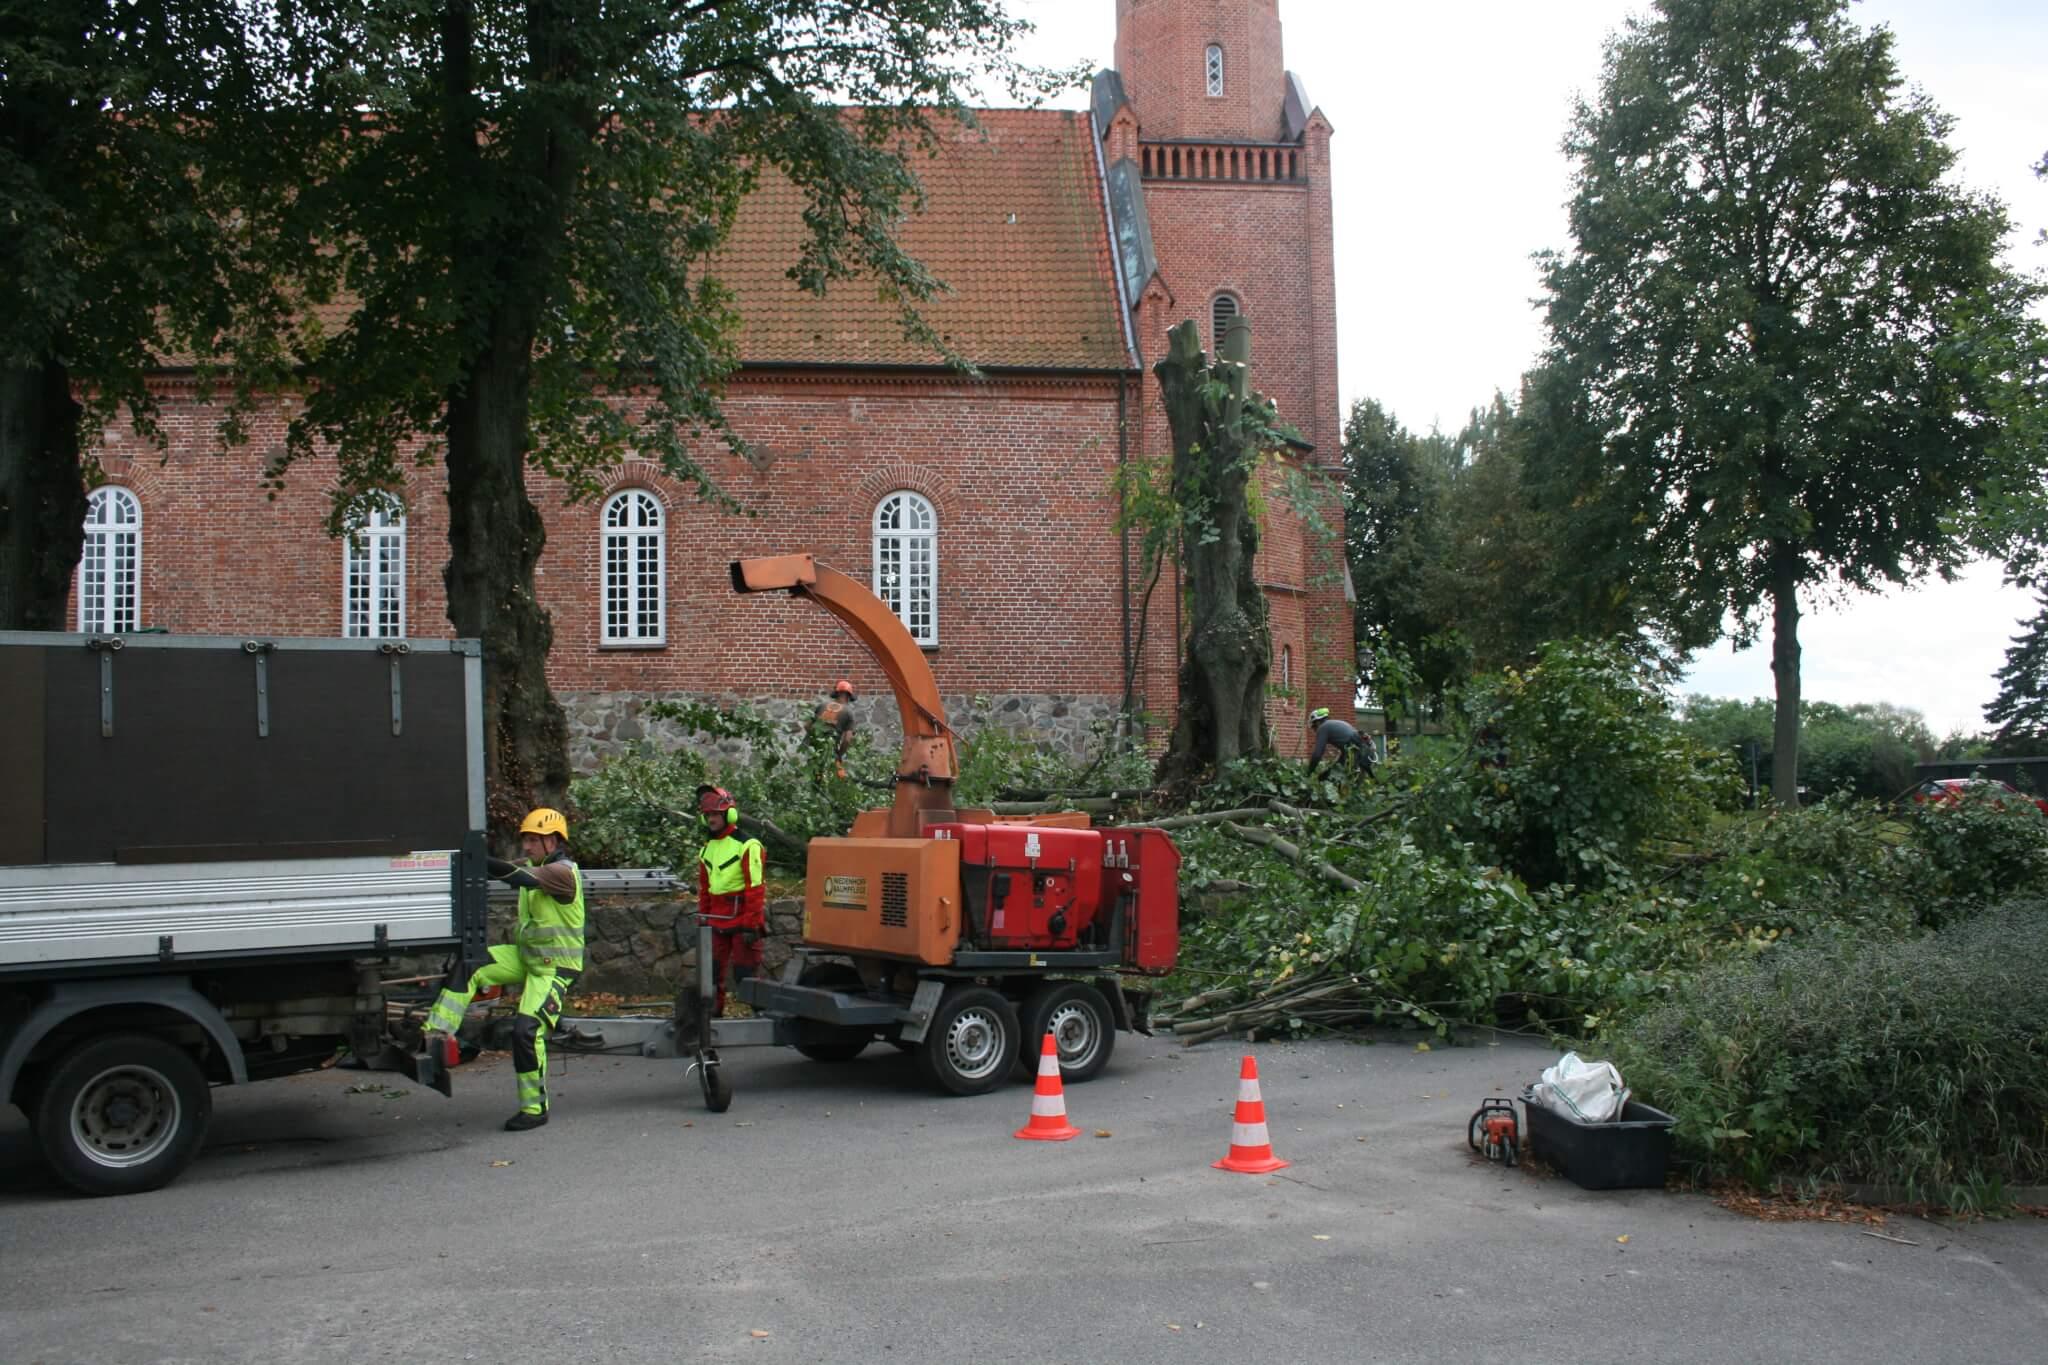 Klettergurt Für Baumfällung : Professionelles baumfällen vom fachmann